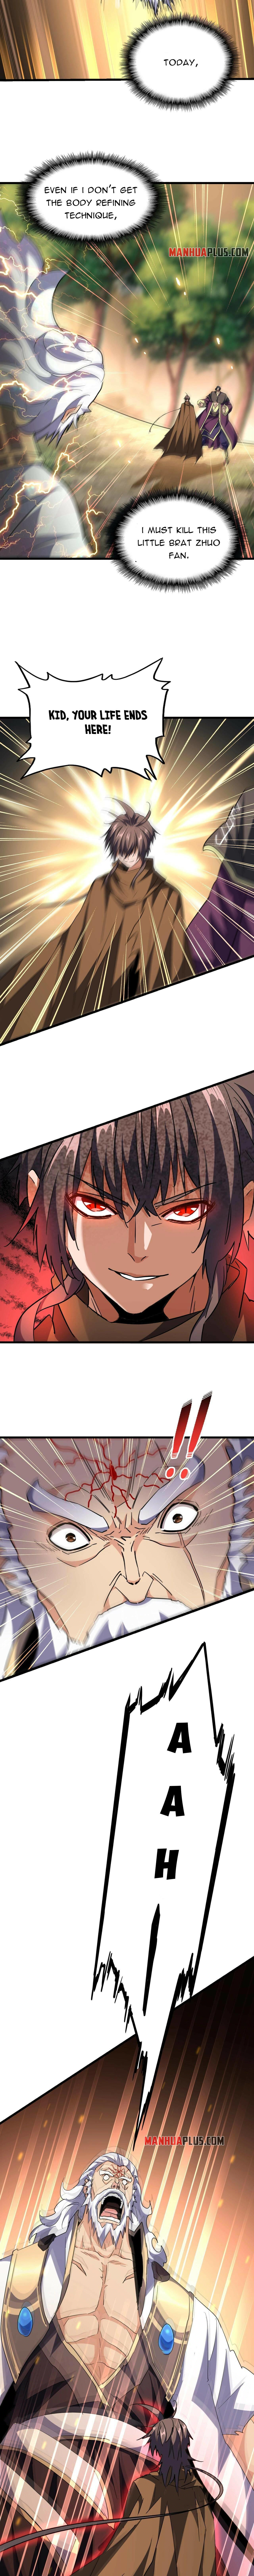 Magic Emperor Chapter 216 page 3 - Mangakakalot